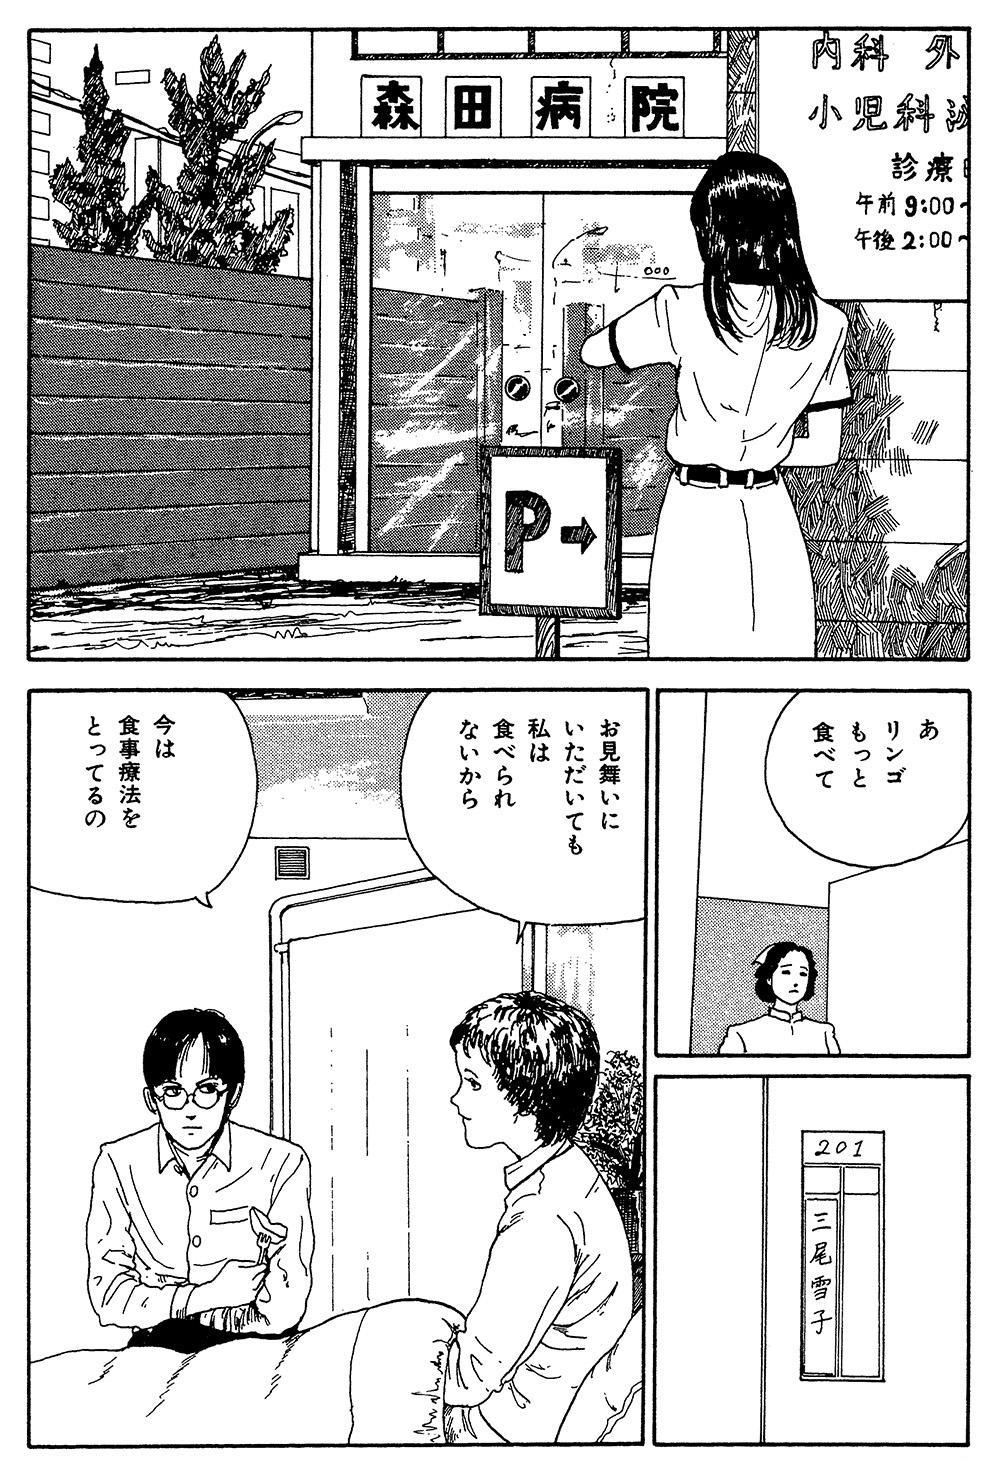 伊藤潤二傑作集 第2話「富江 森田病院編」①itouj_0001_0038.jpg